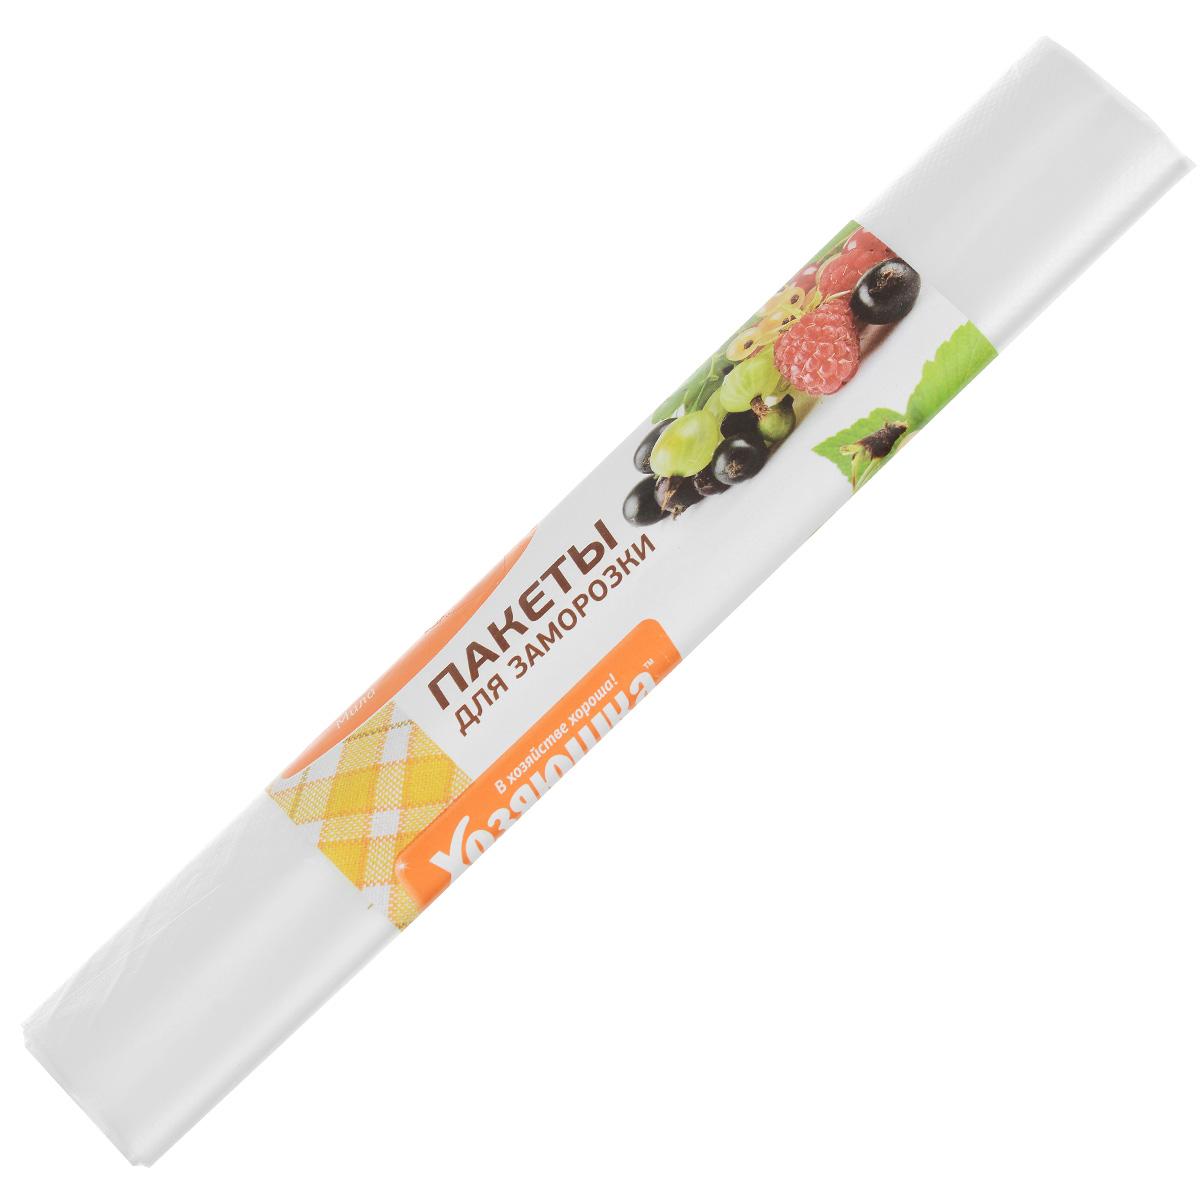 Пакет для хранения и замораживания продуктов Хозяюшка Мила, 3 л9009Пакет для хранения и замораживания продуктов Хозяюшка Мила изготовлен из пищевого полиэтилена. В таком пакете удобно хранить любые пищевые продукты. Также подходит для заморозки.